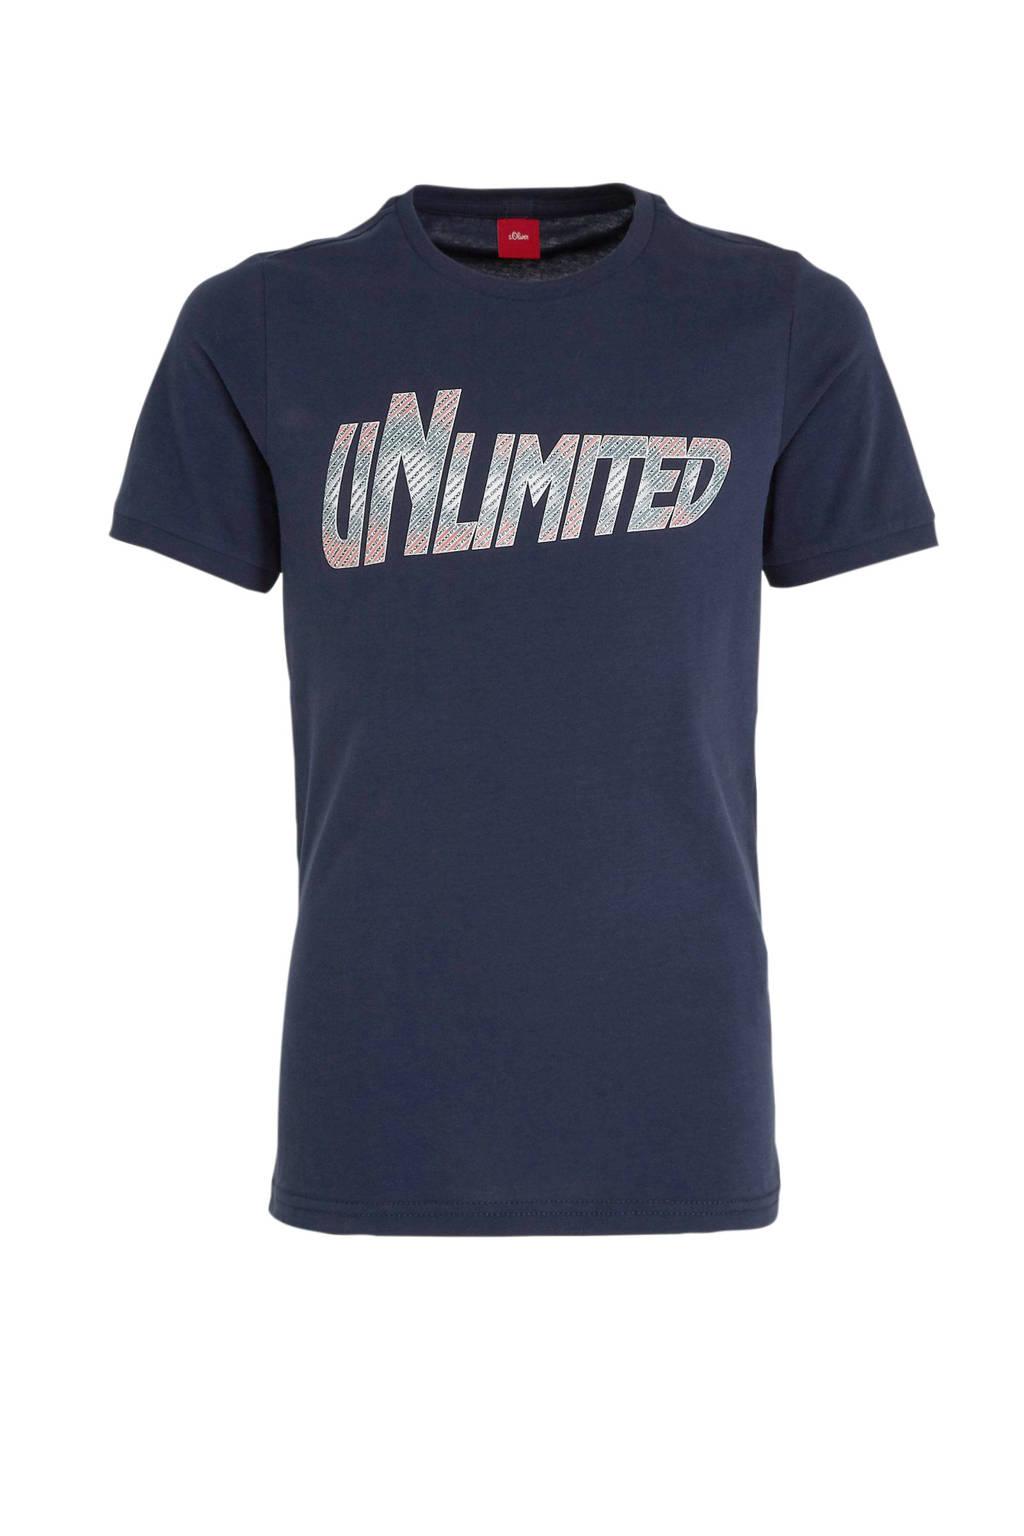 s.Oliver T-shirt met tekst blauw, Blauw